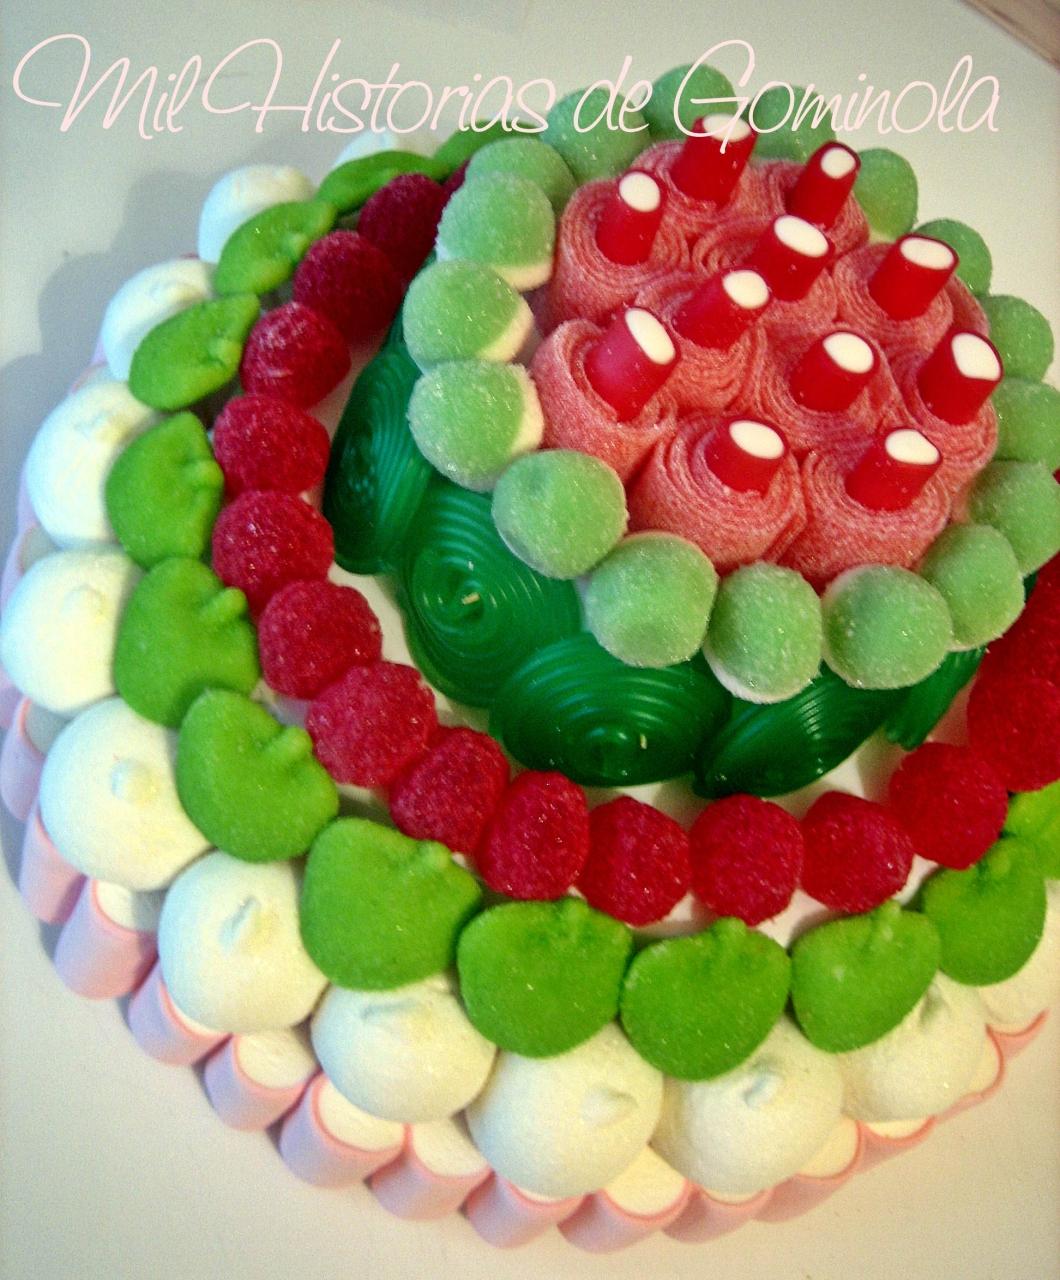 verde roja: